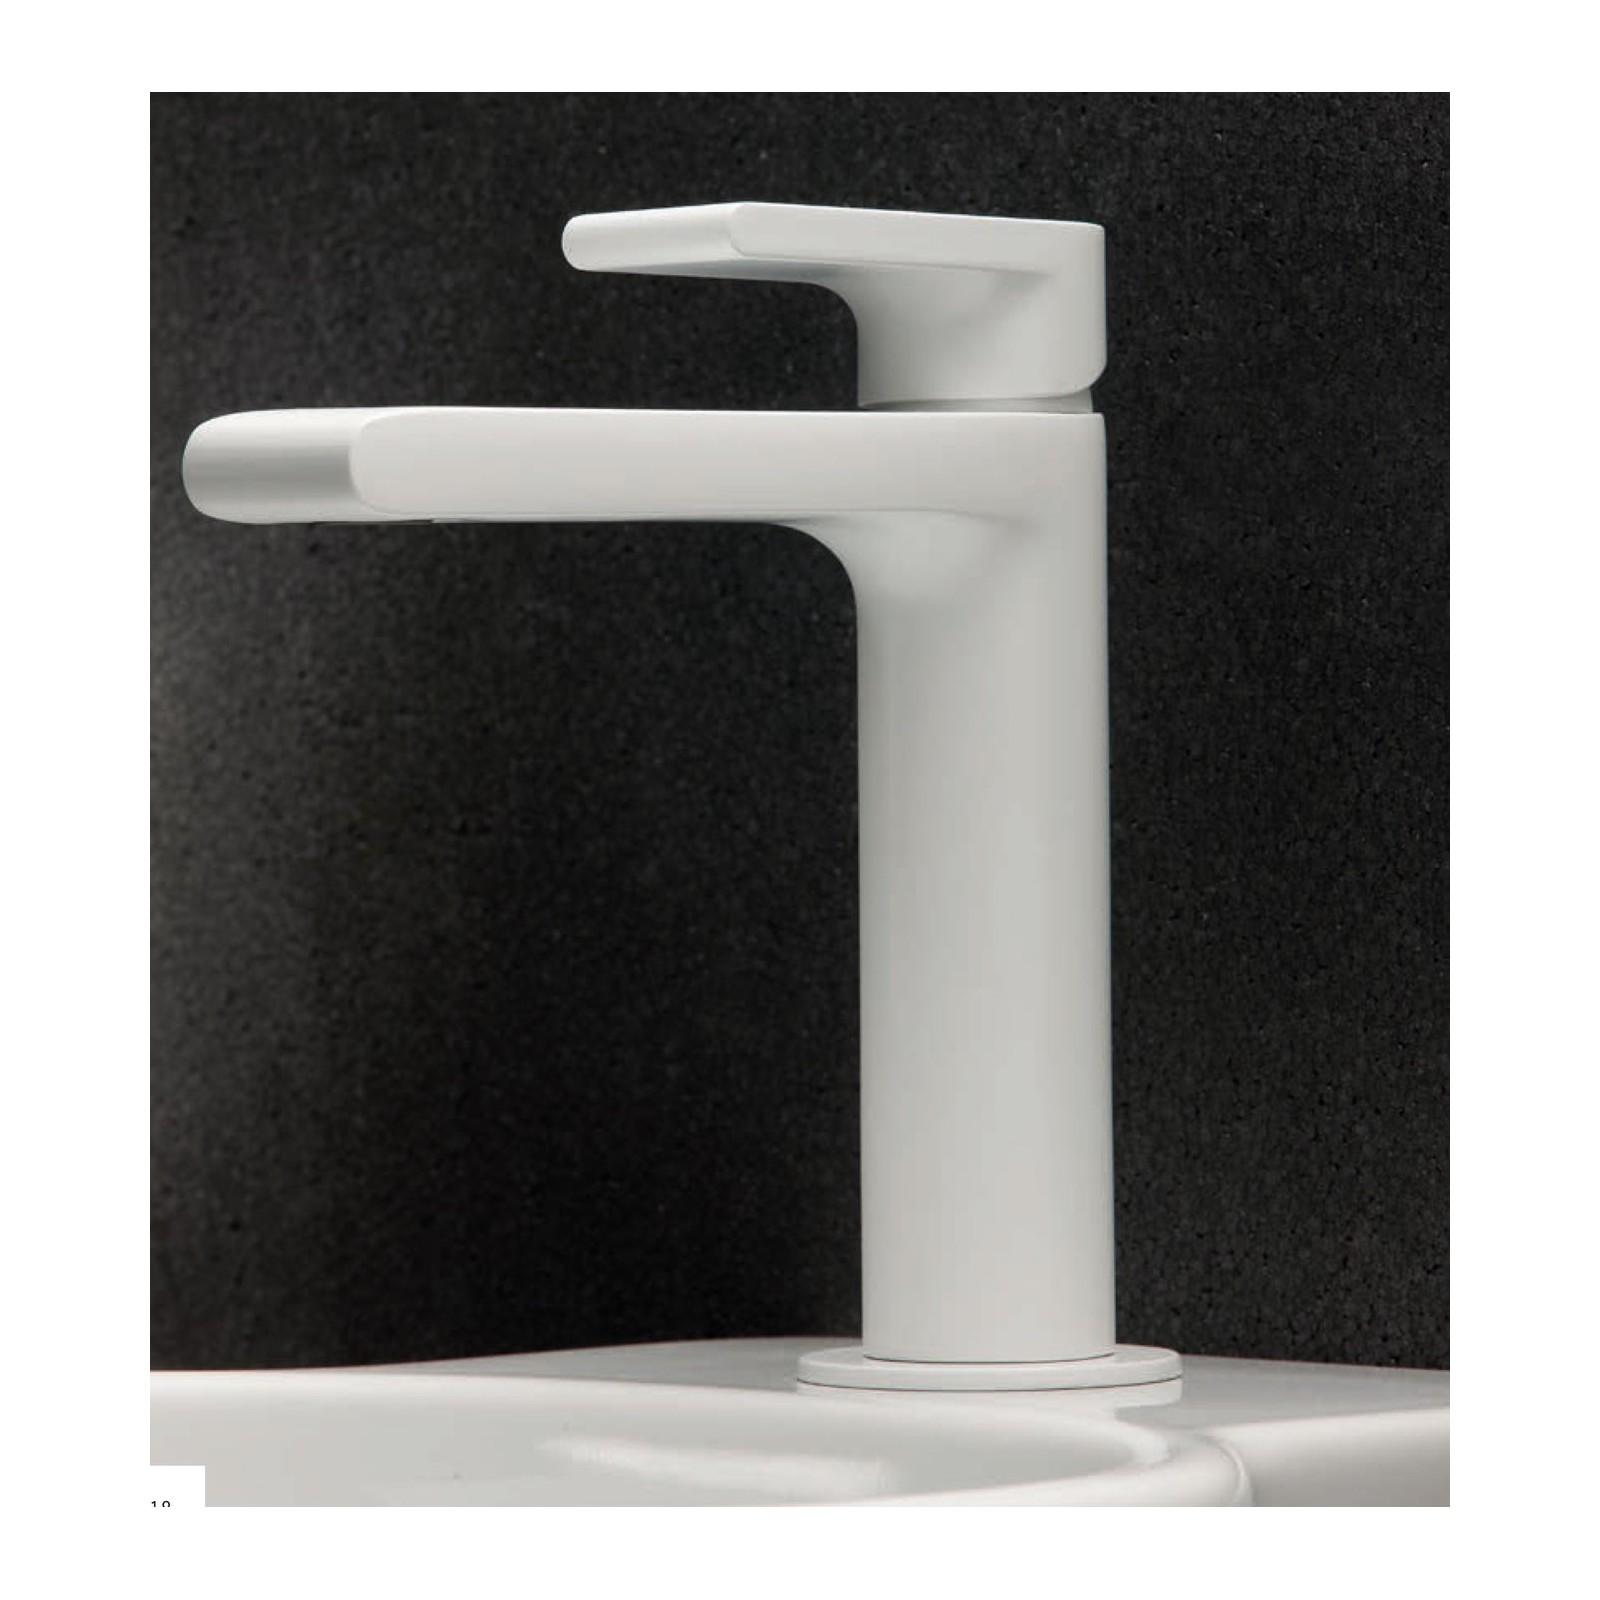 Bonny rubinetteria per il bagno by Bonomi - contecom